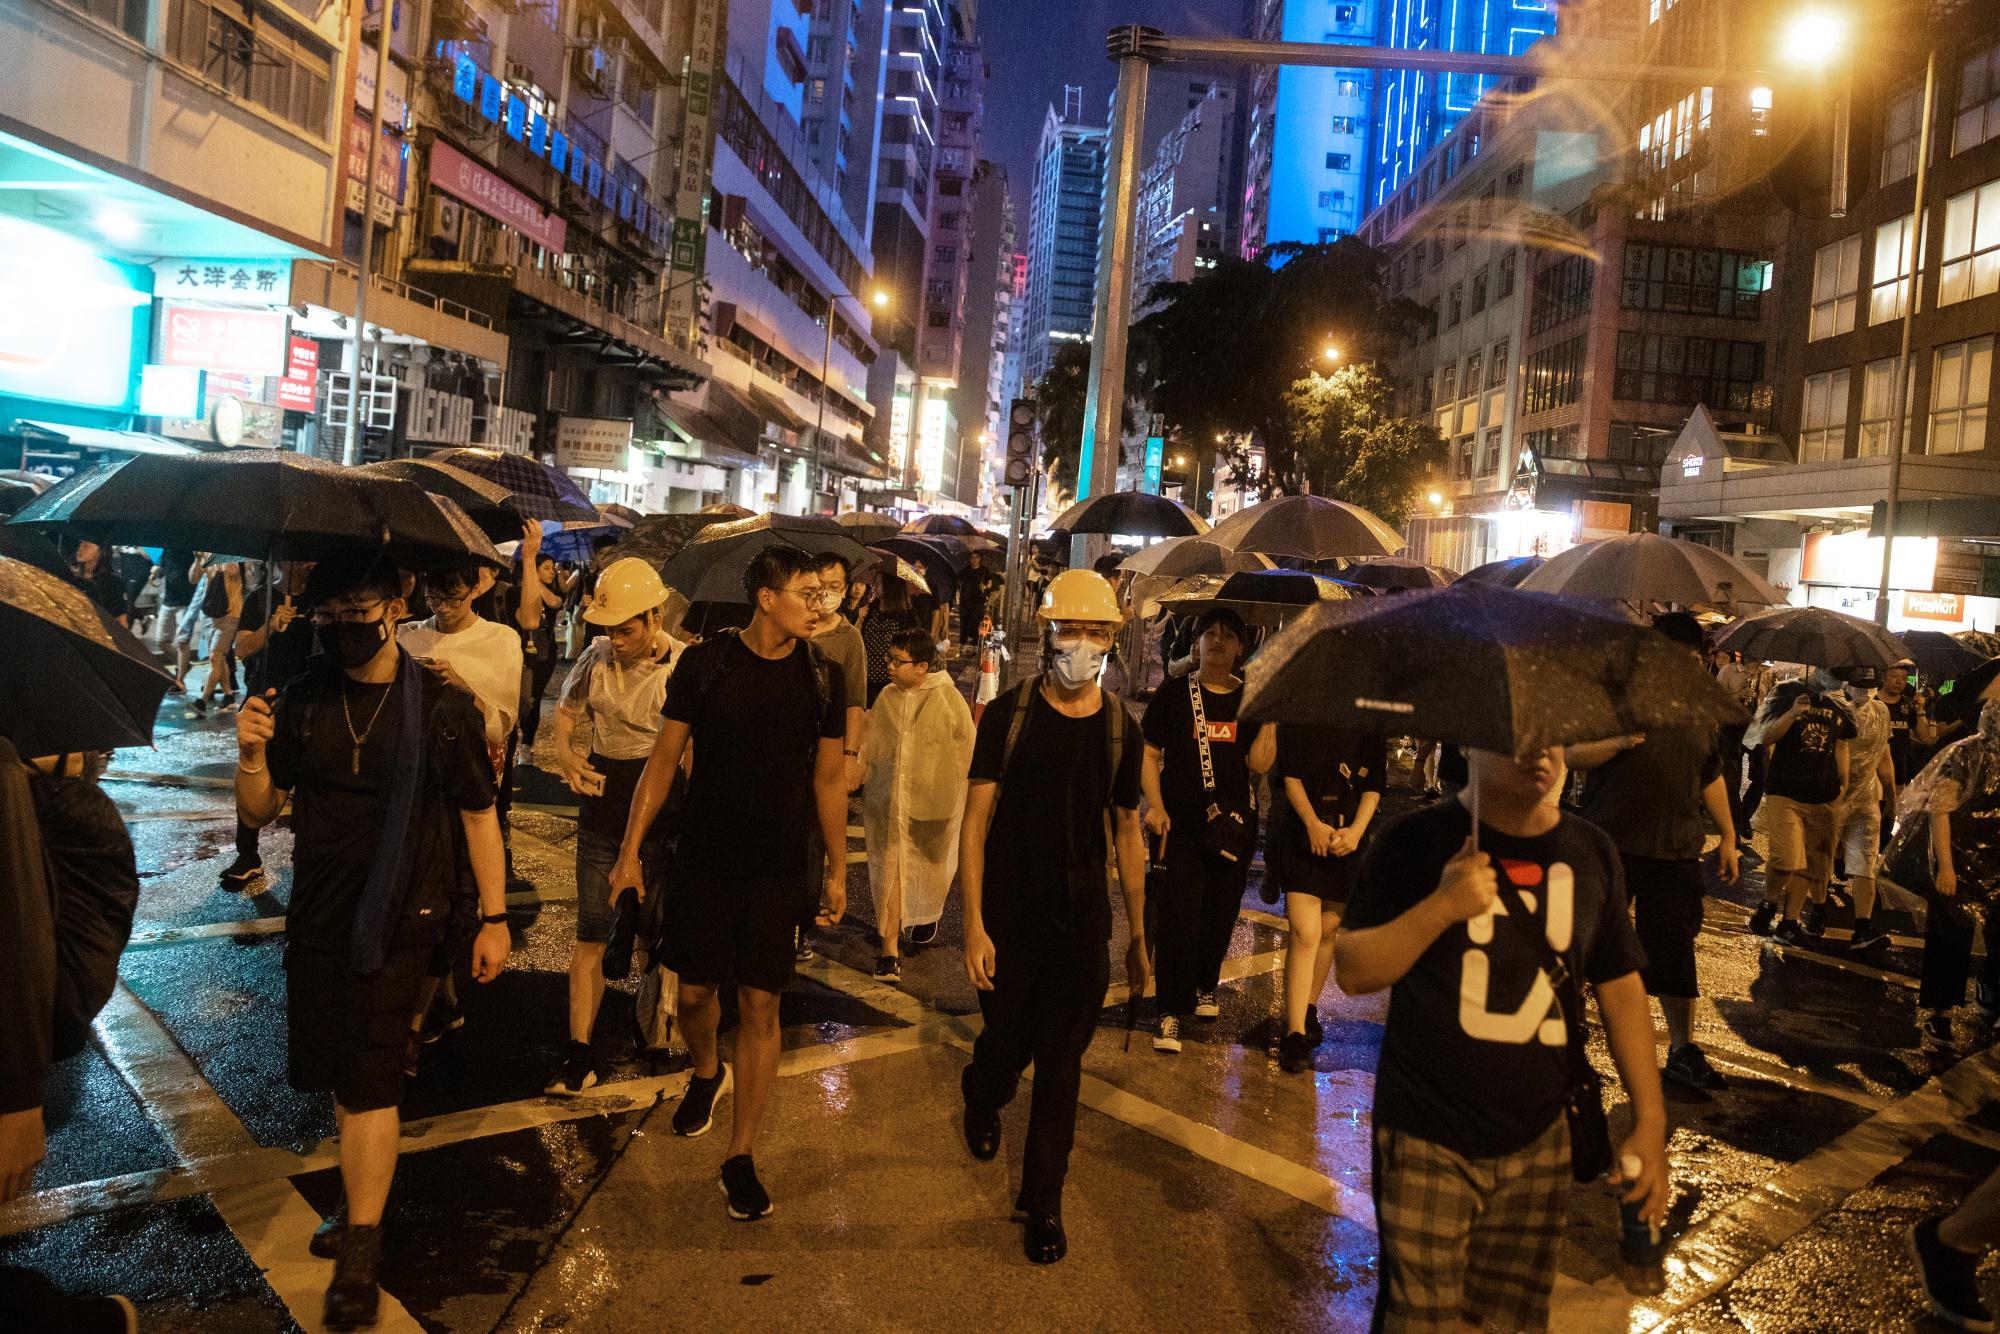 中国が重視する建国70年-香港の抗議活動も重大な局面に - Bloomberg